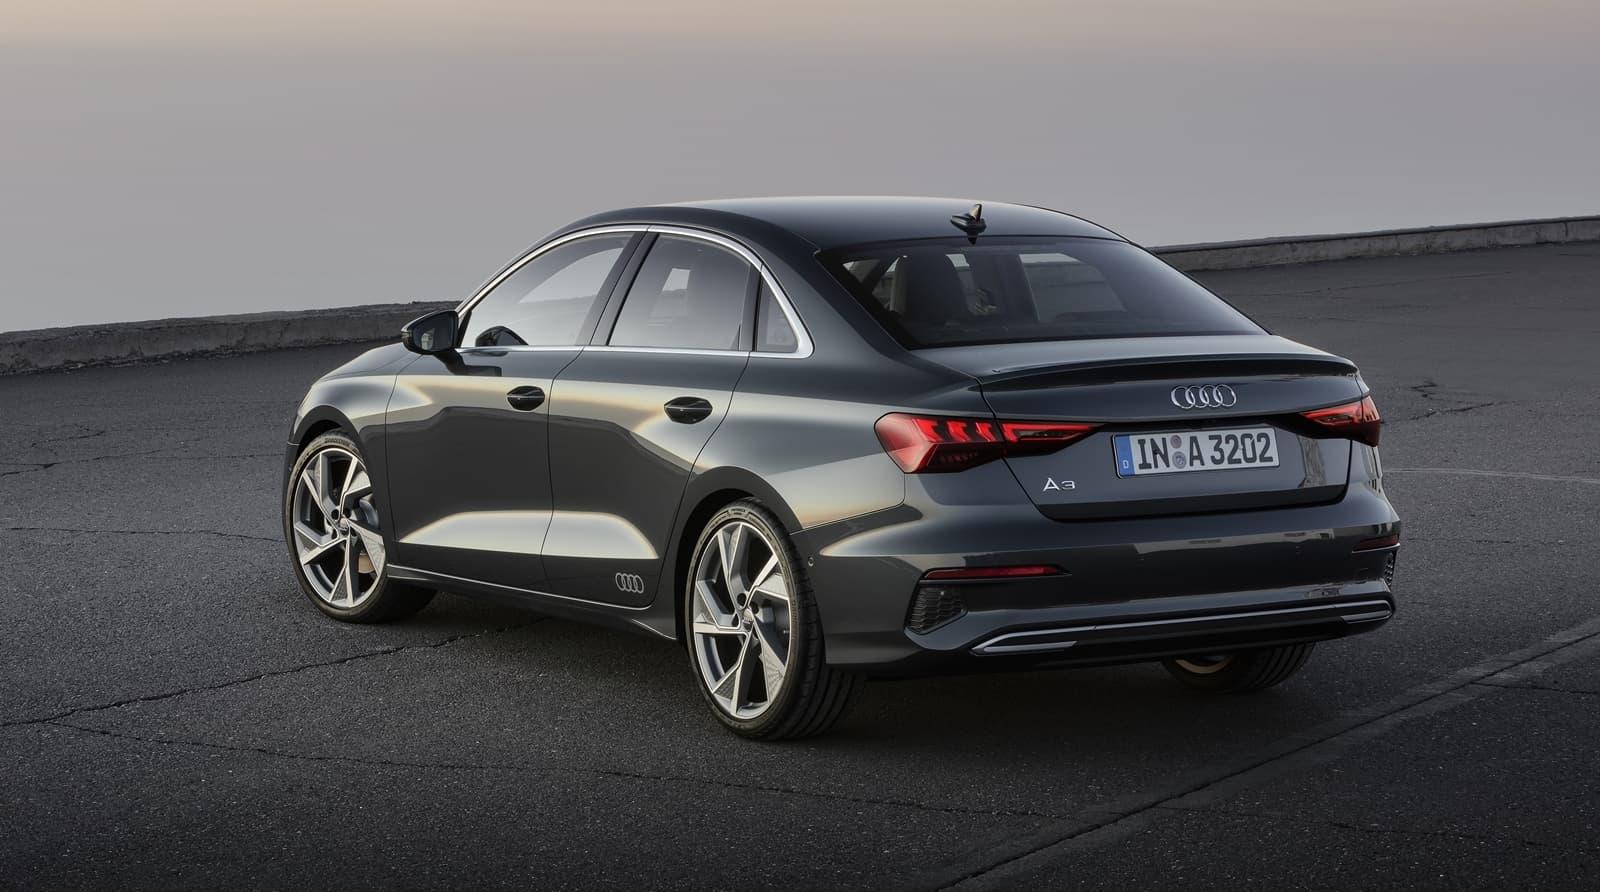 Audi A3 Sedan 2020 0420 008